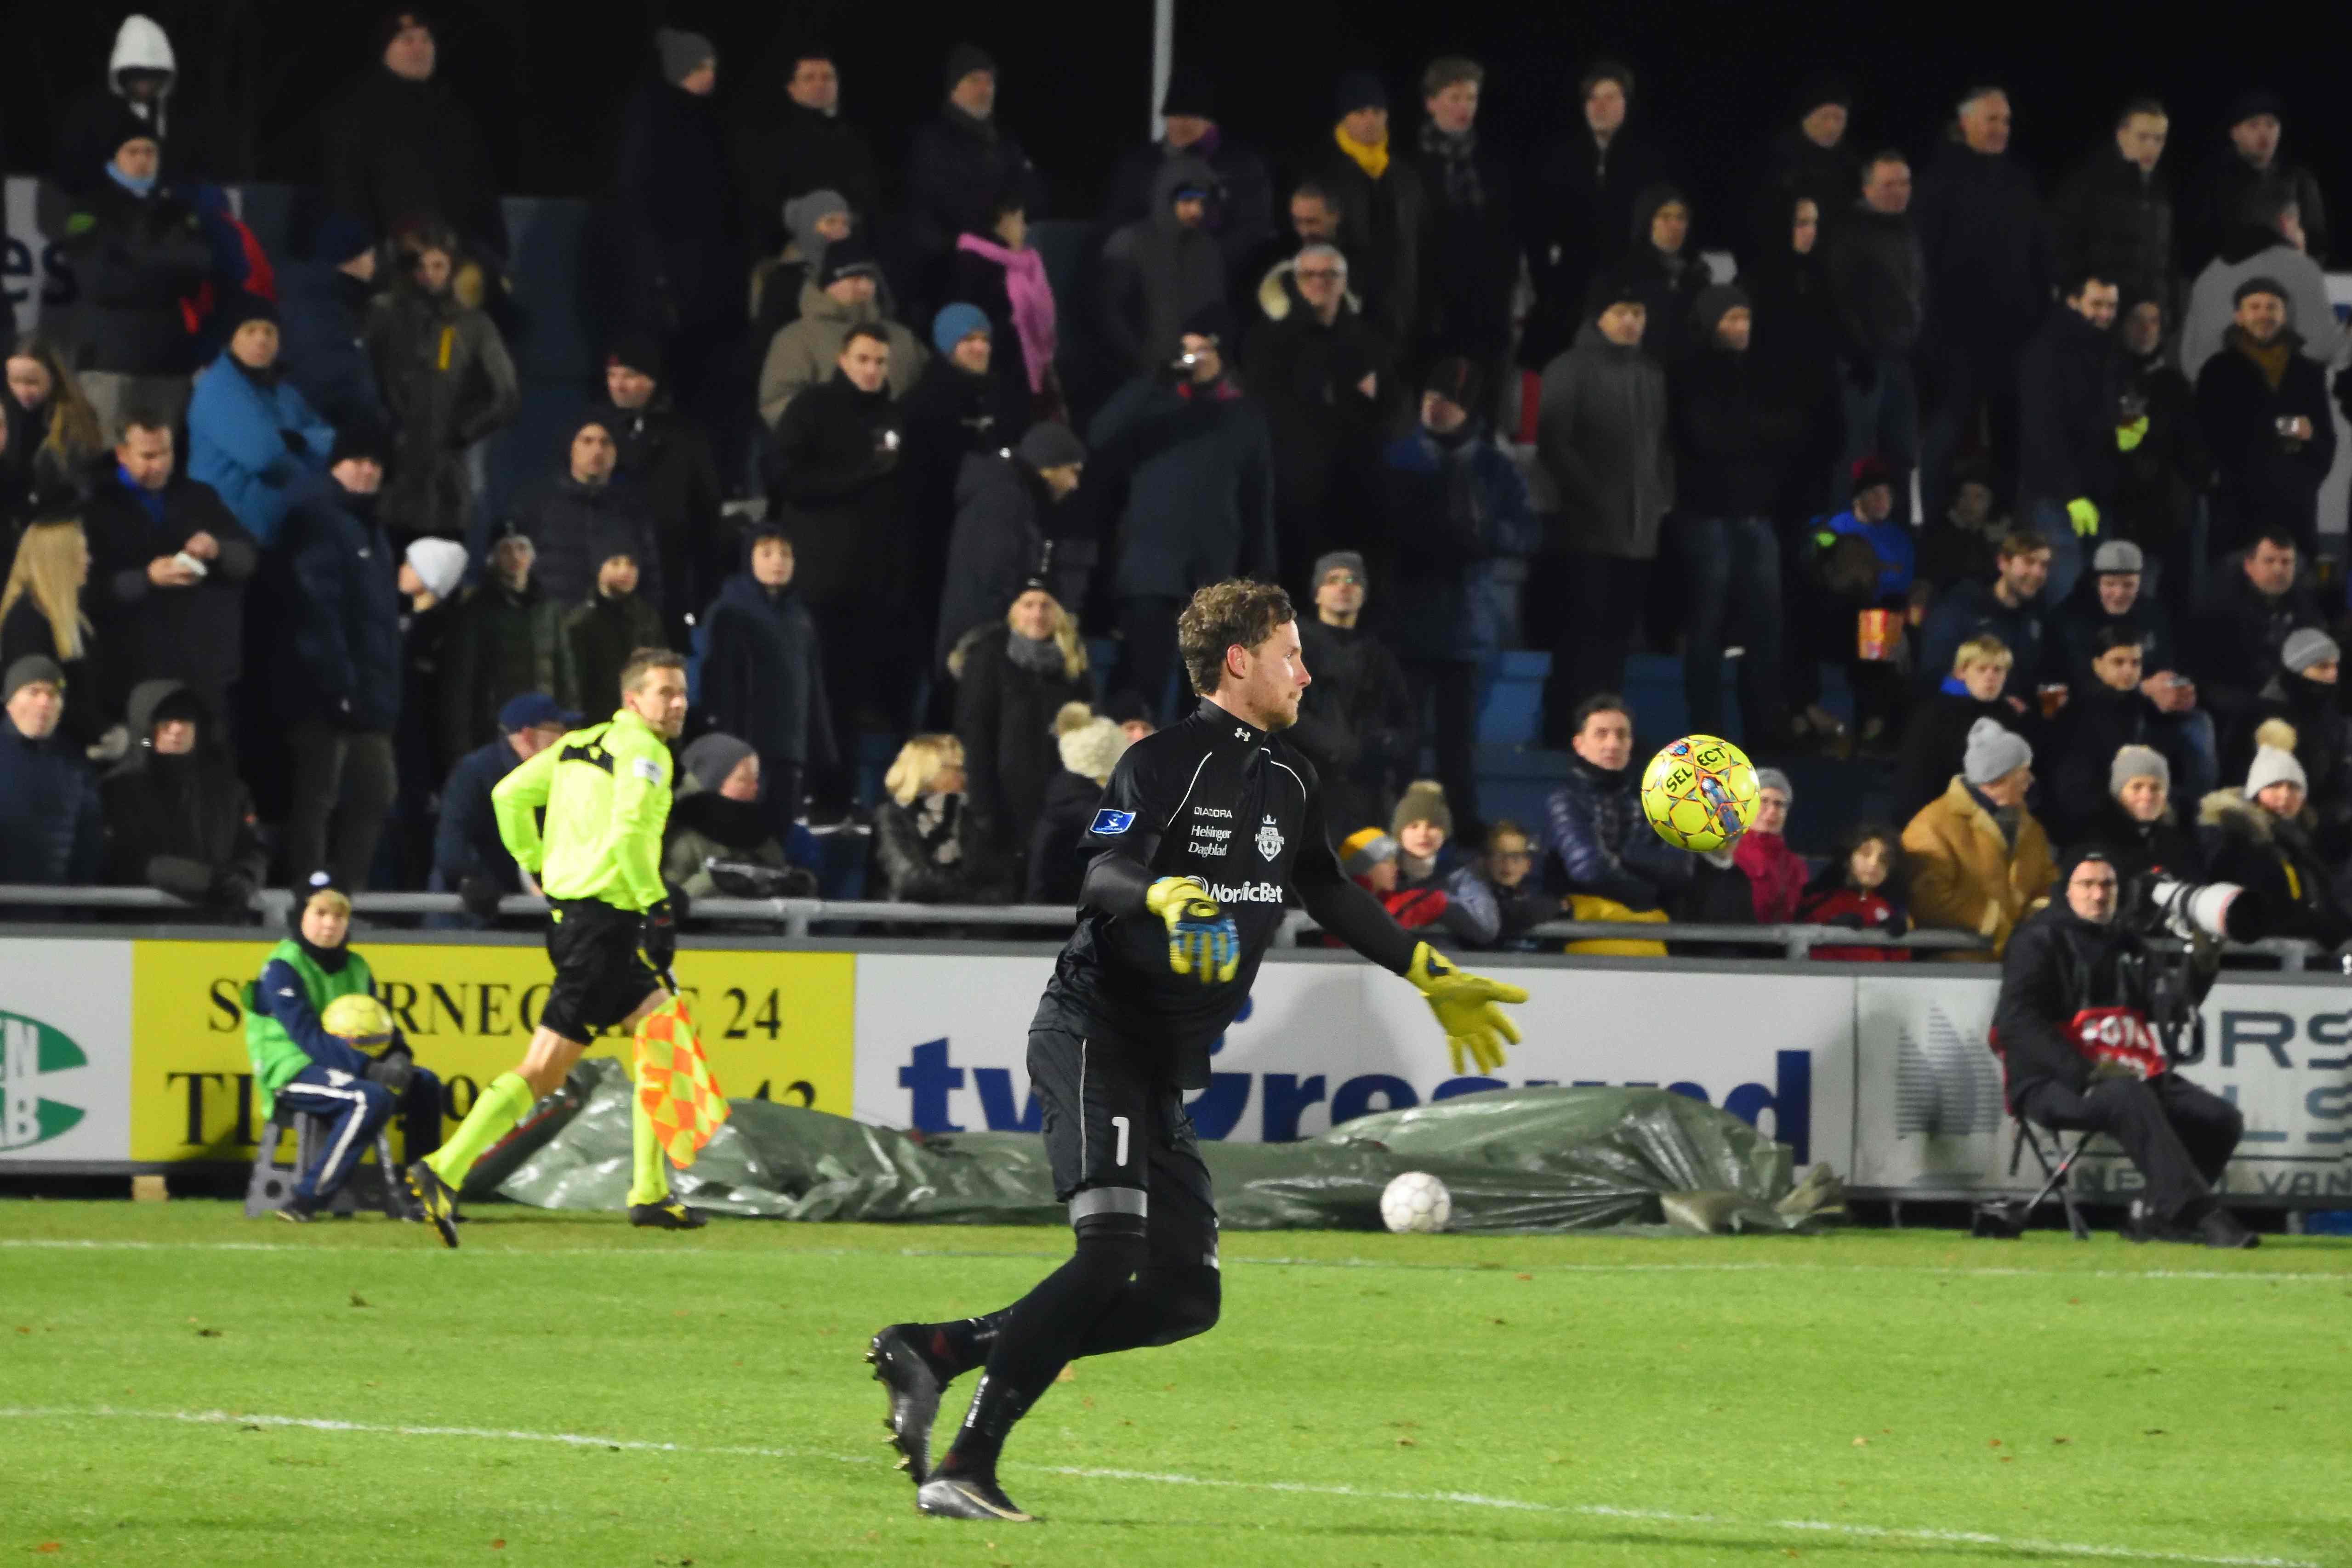 Football Nation 30/55 - Denmark - Helsingør 2-1 Lyngby